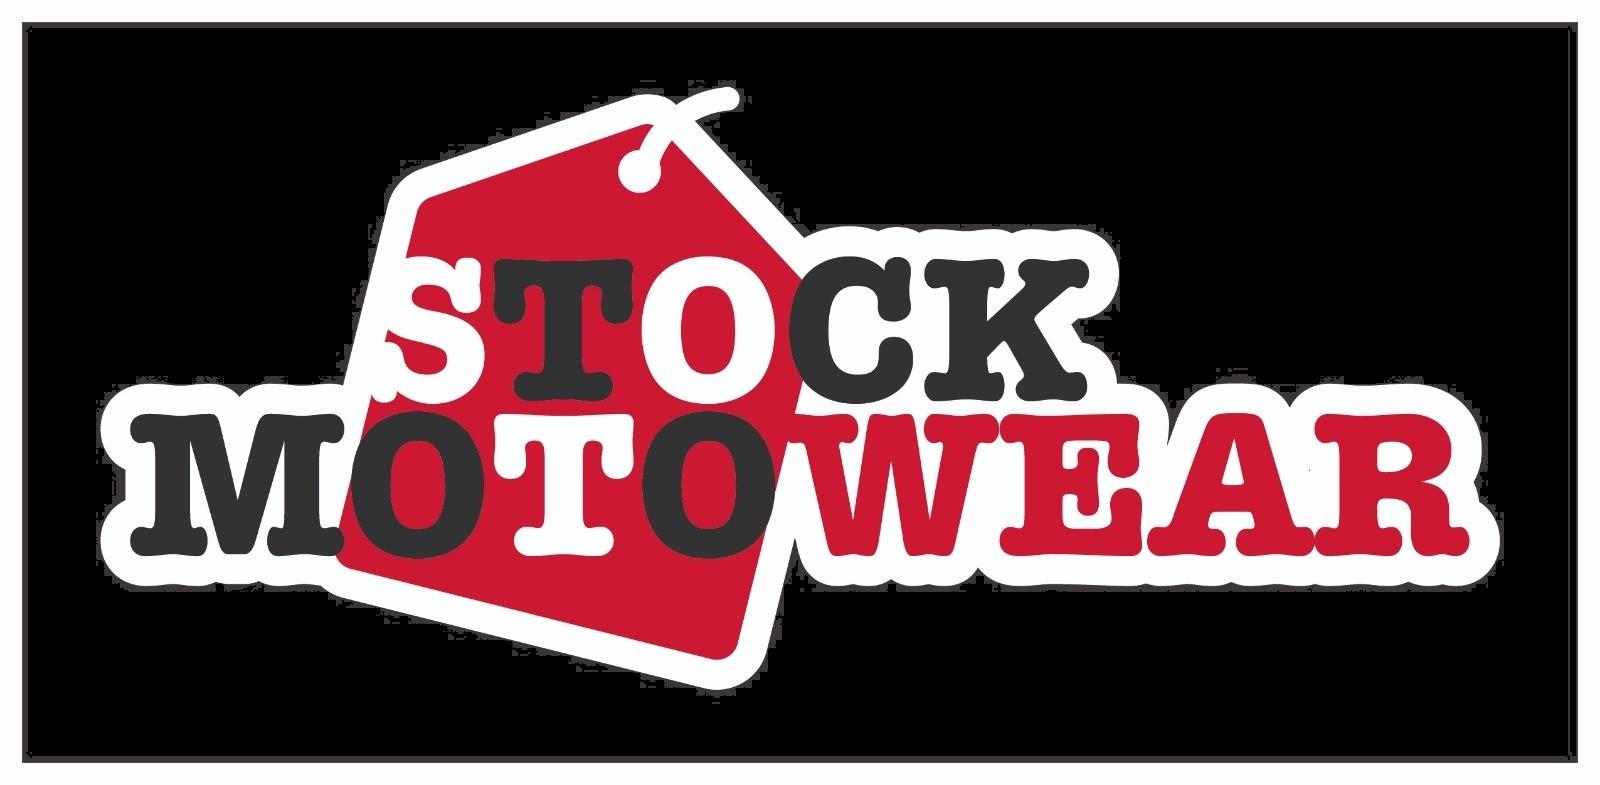 Stockmotowear